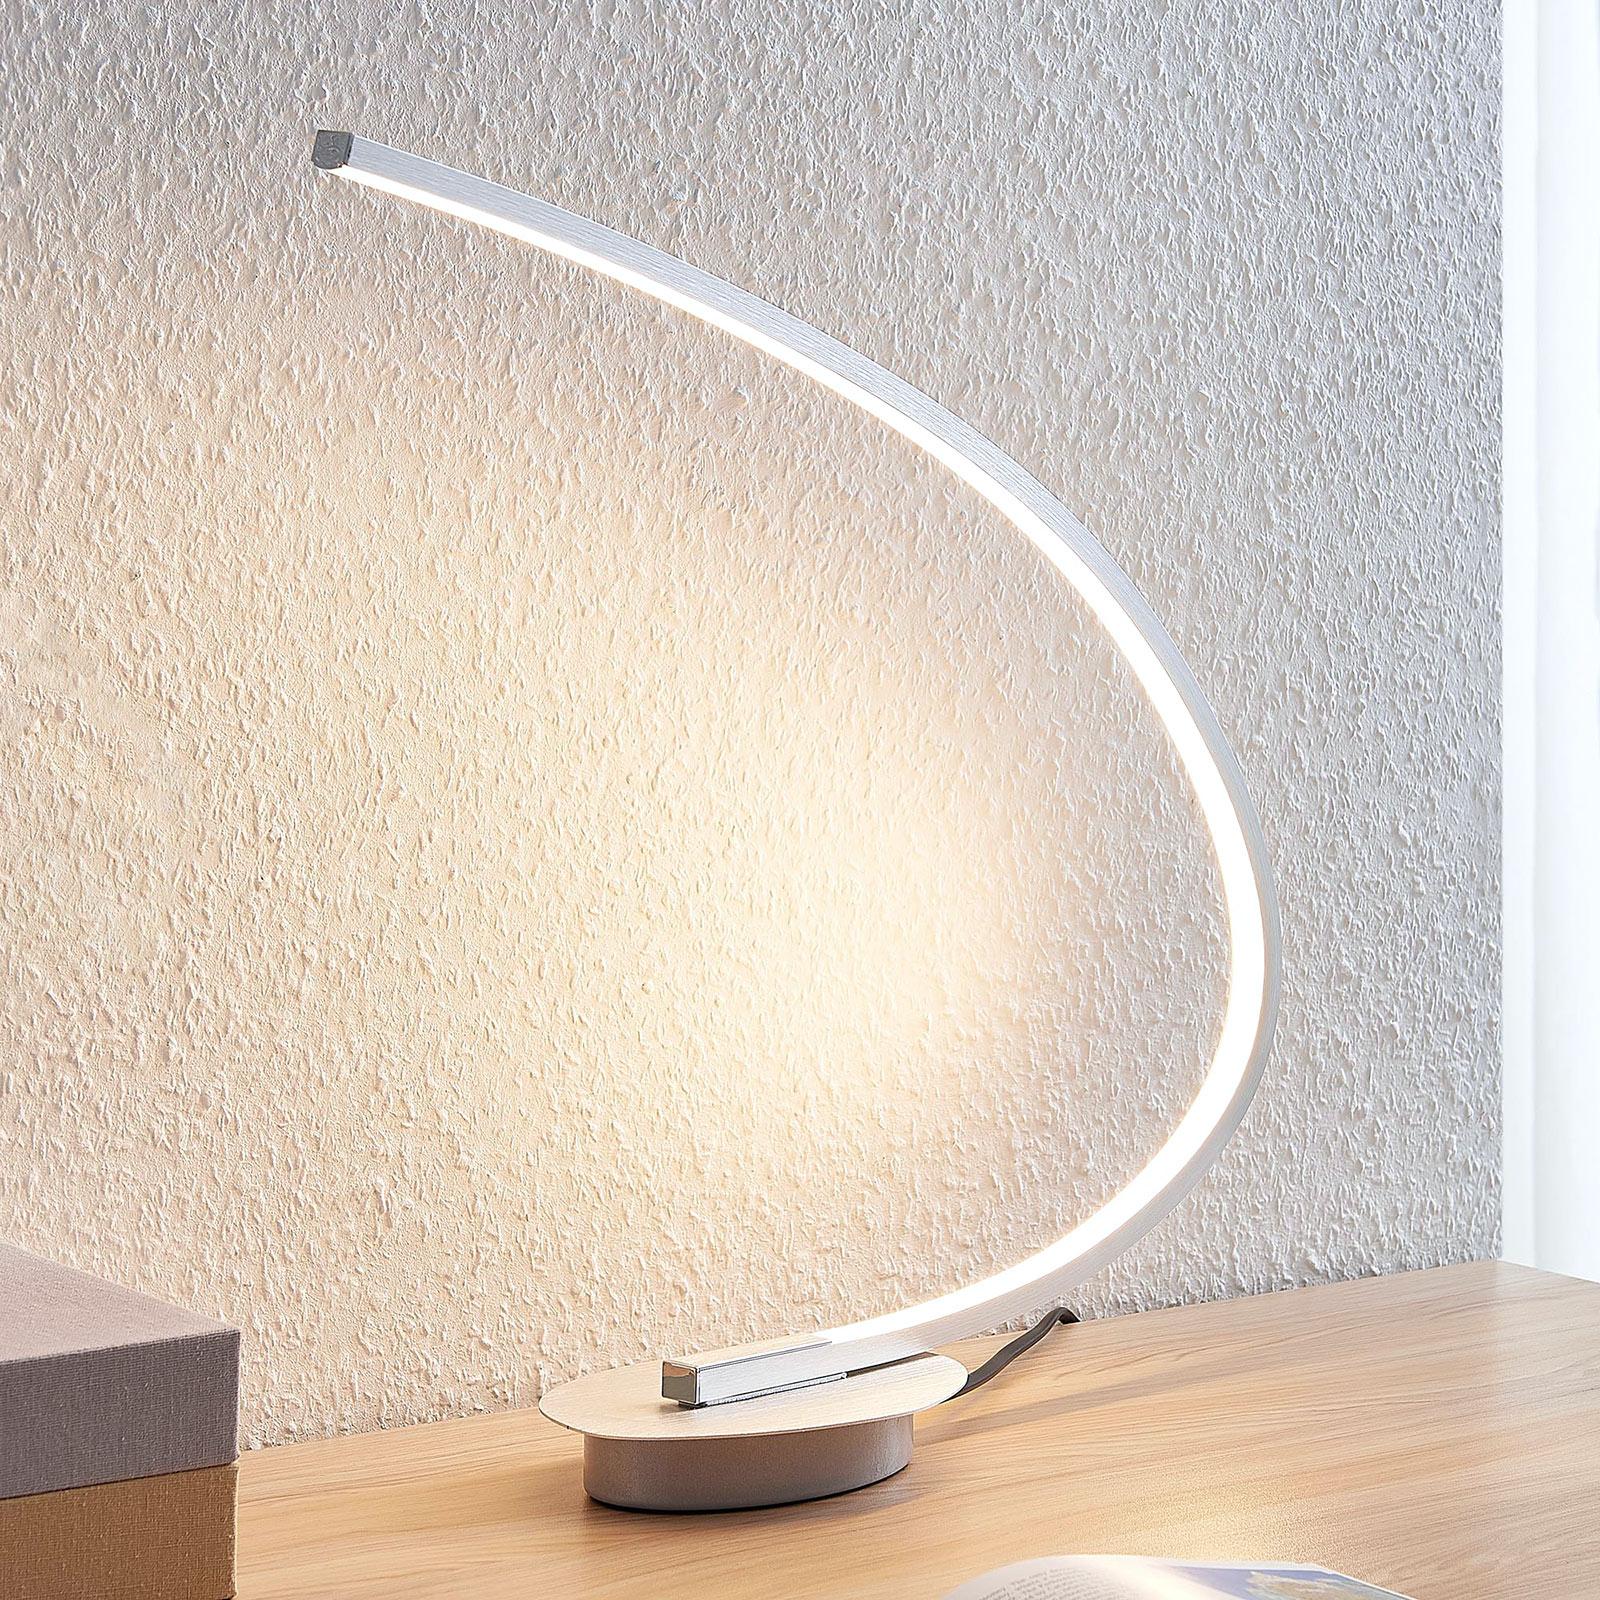 LED tafellamp Nalevi, gebogen, zilver